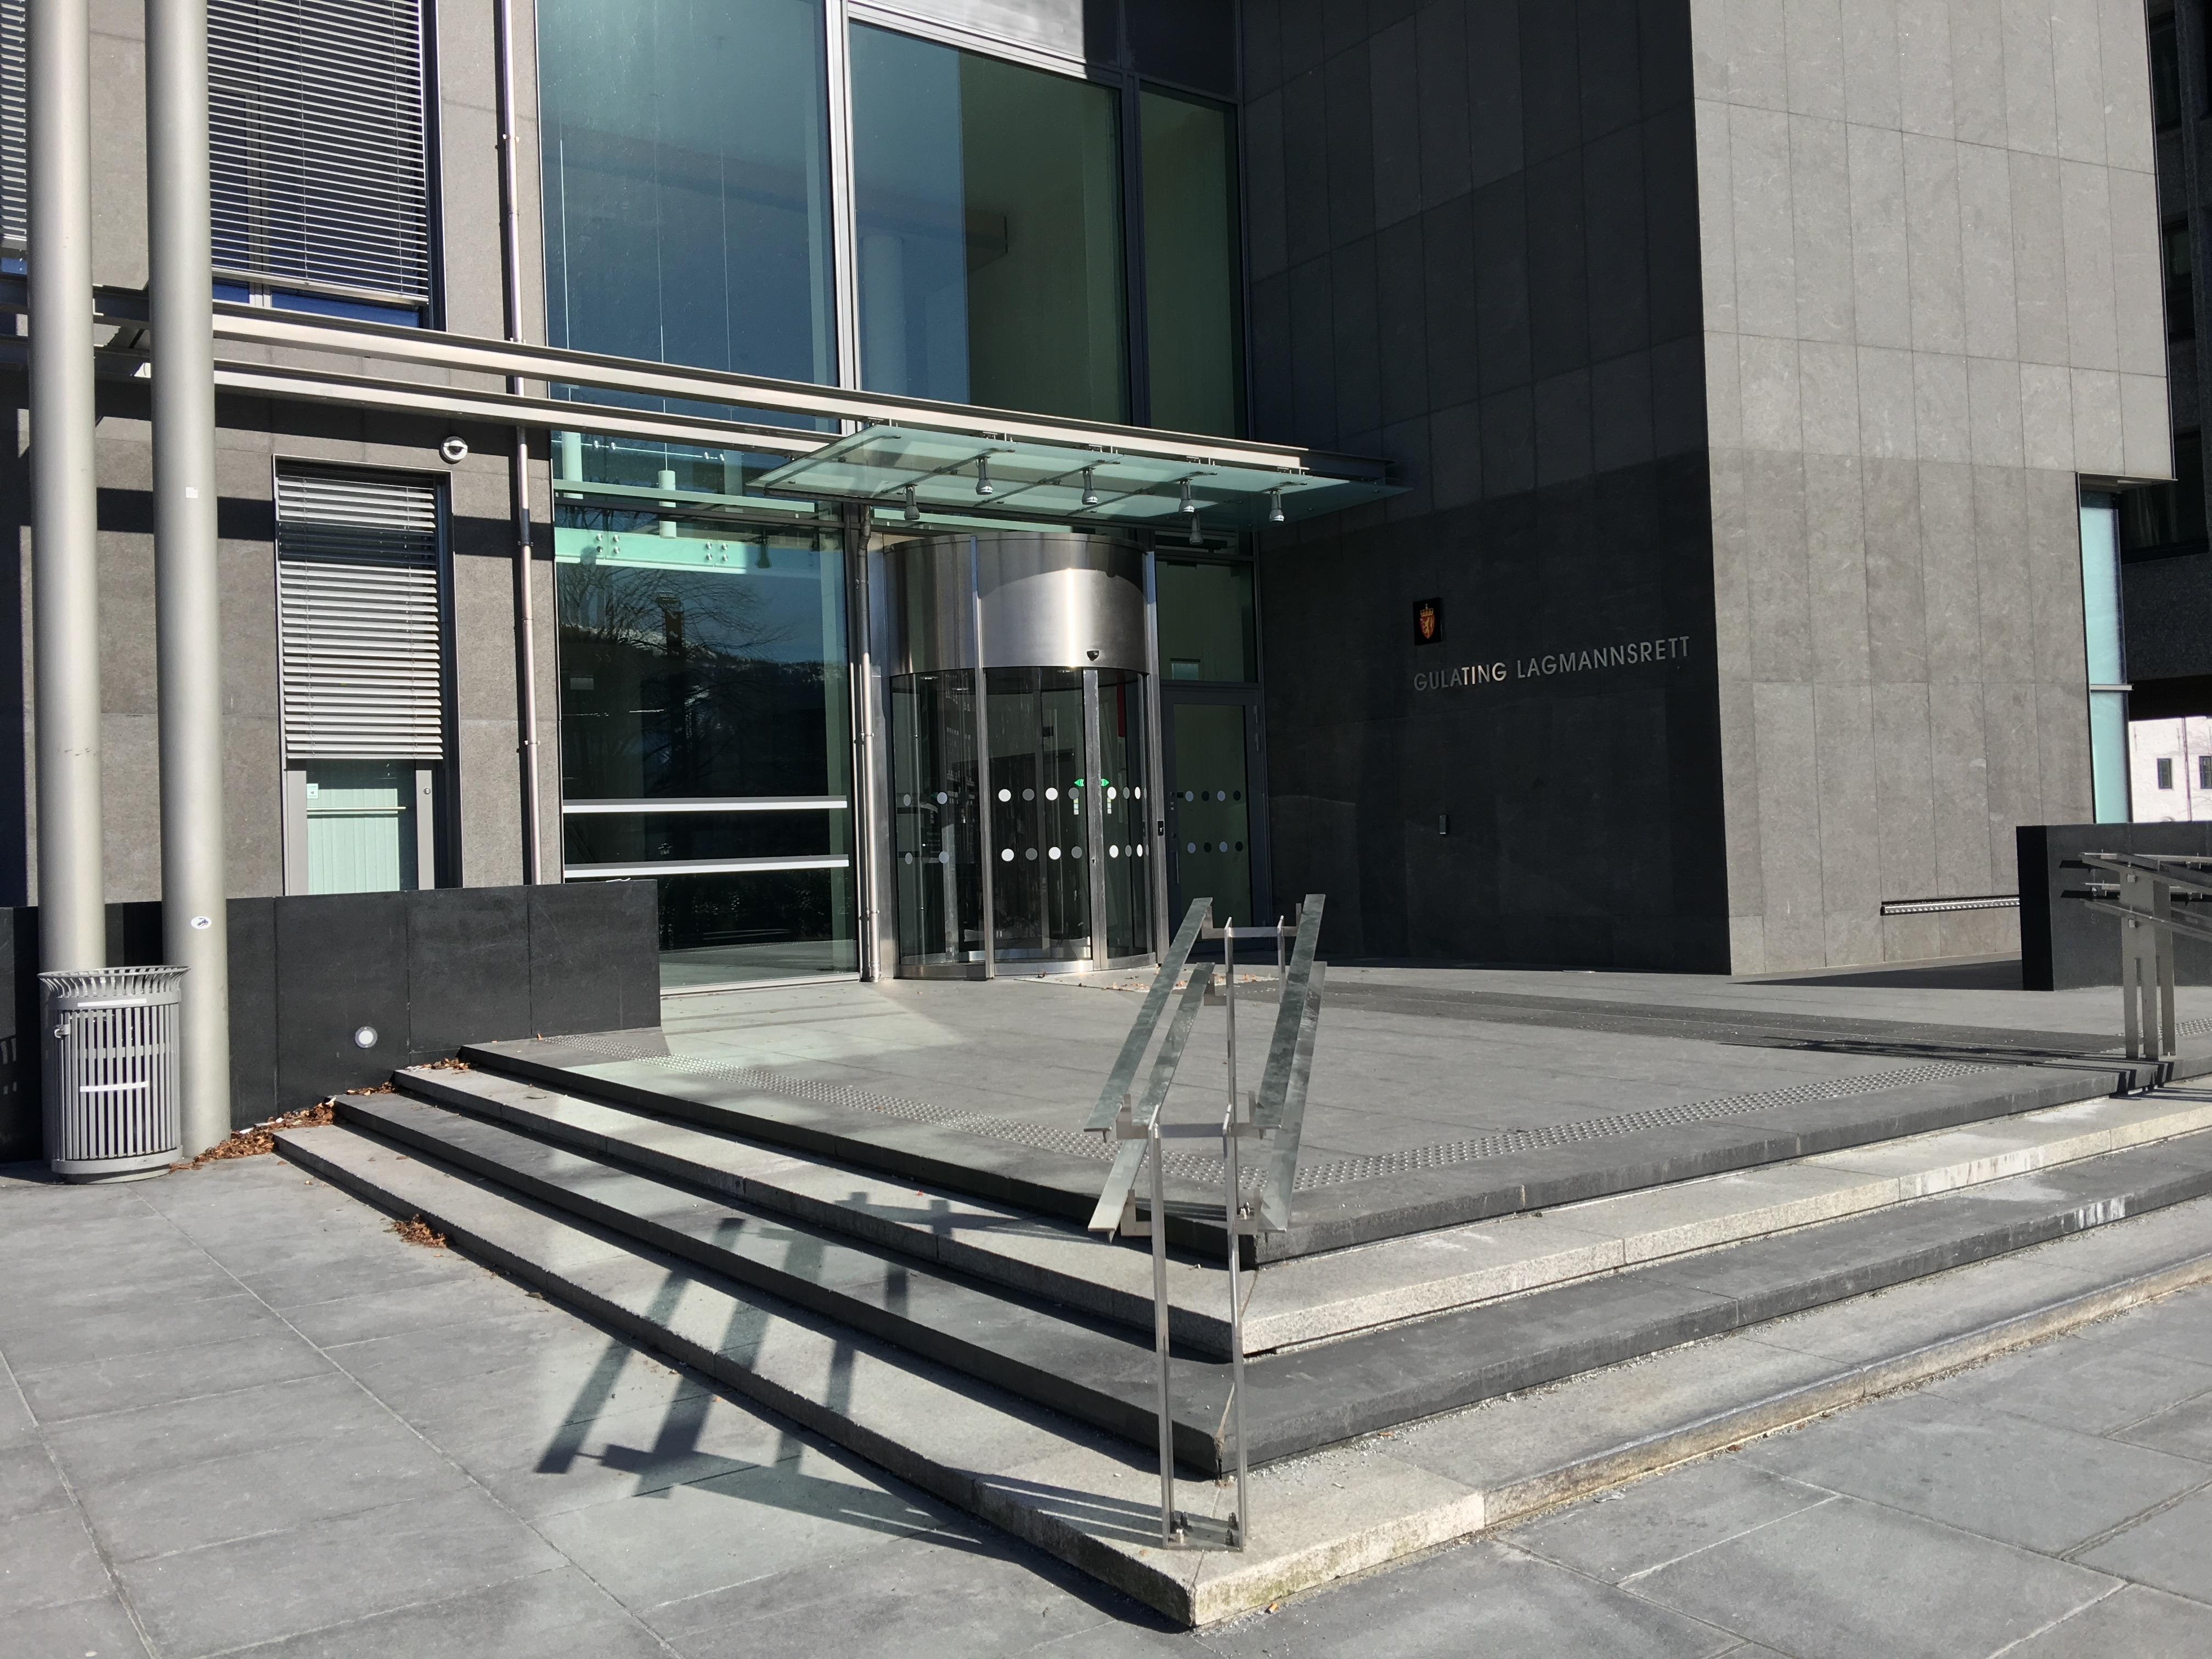 File:Gulating Lagmannsrett courthouse (Appeal Court) at Gulatings plass (Kaigaten) in Bergen, Norway 2018-03-18 D.jpg